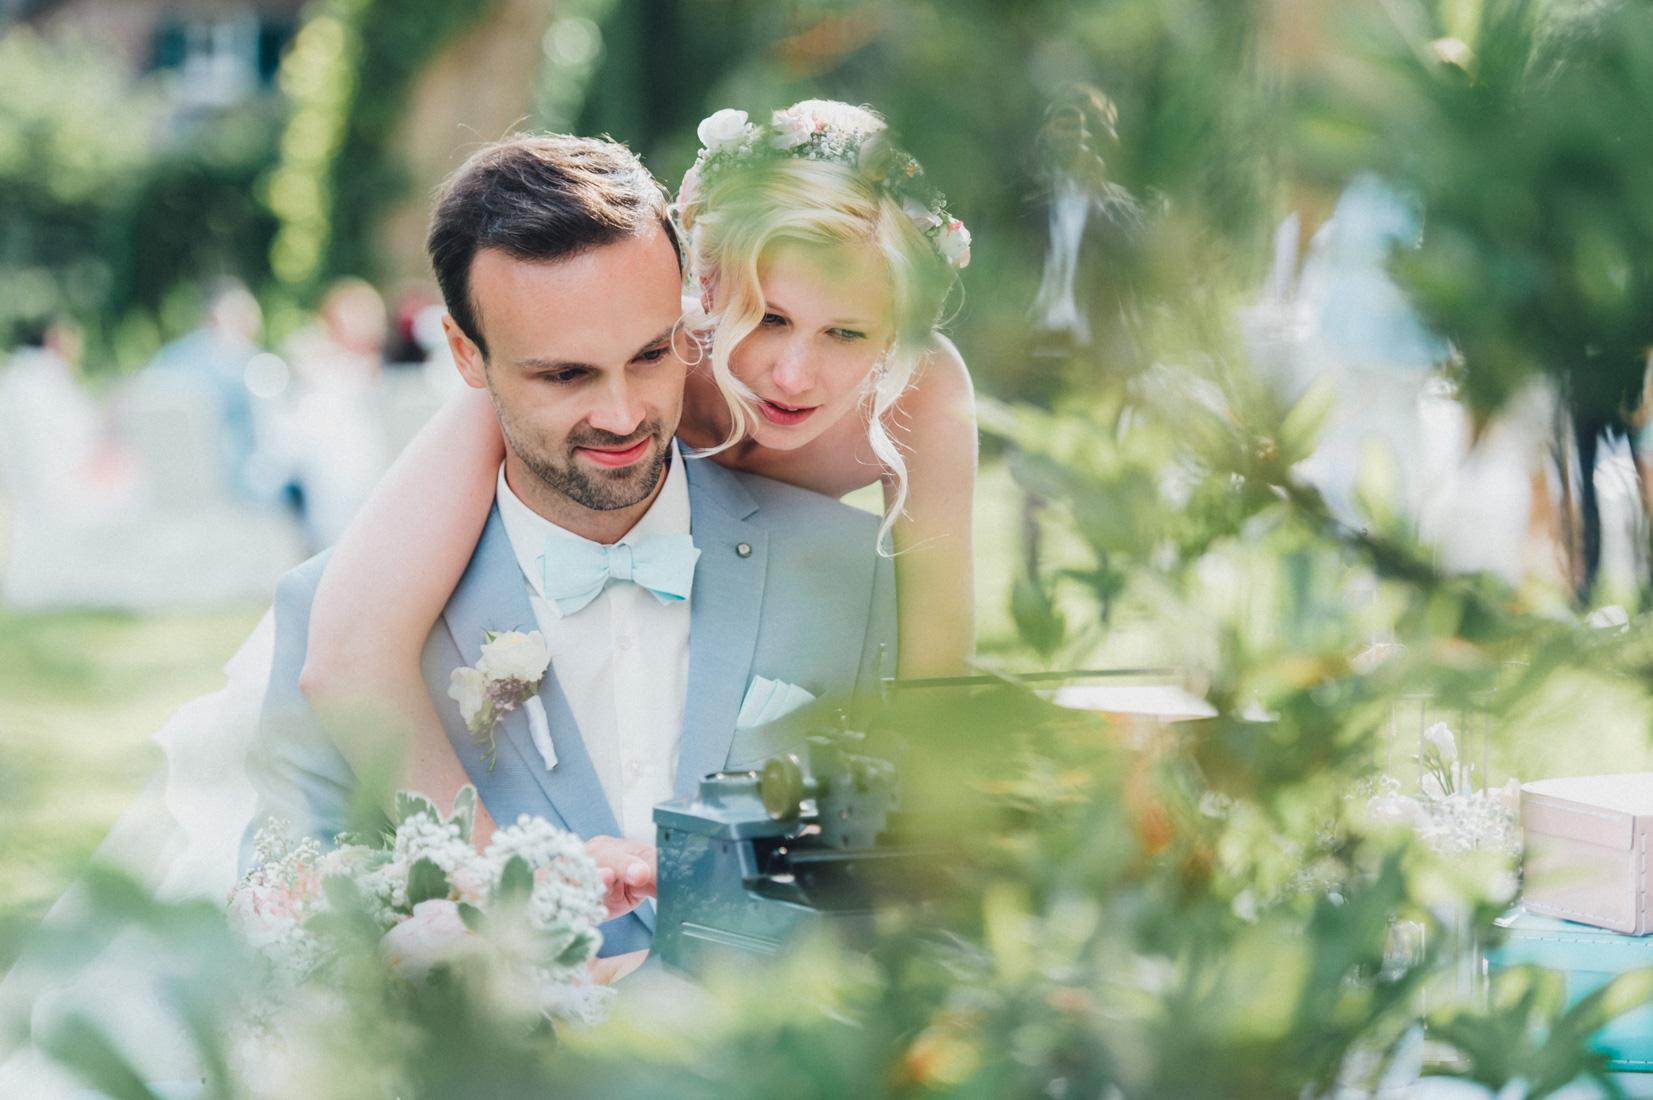 pastel-vintage-hertefeld-169 hochzeitsfotograf schloss hertefeldGalina & Robert DIY Pastel Vintage Hochzeit auf Schloss Hertefeldpastel vintage hertefeld 169